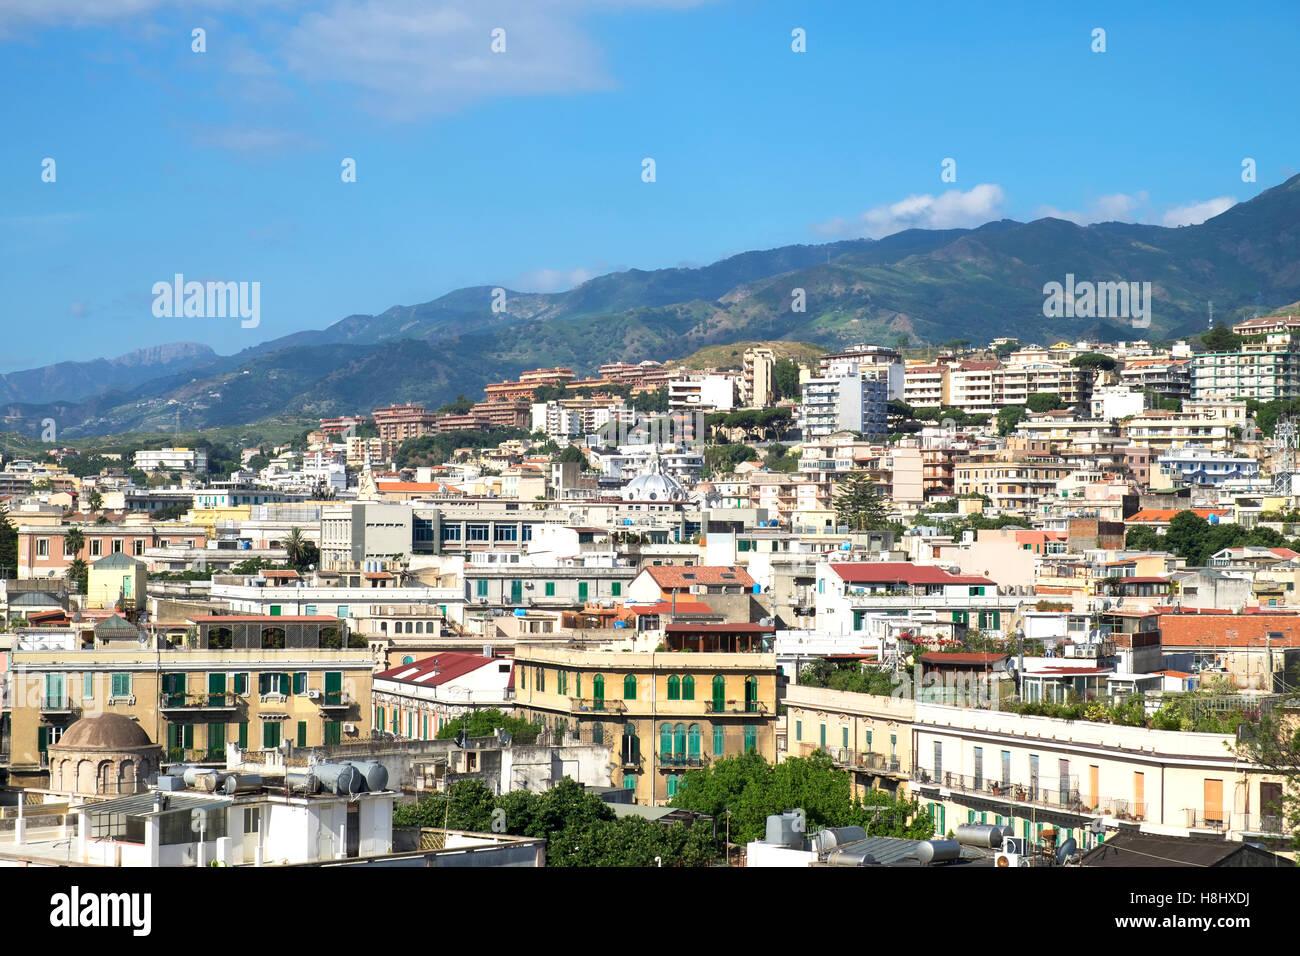 Die Stadt Messina auf Sizilien, Italien. Stockbild